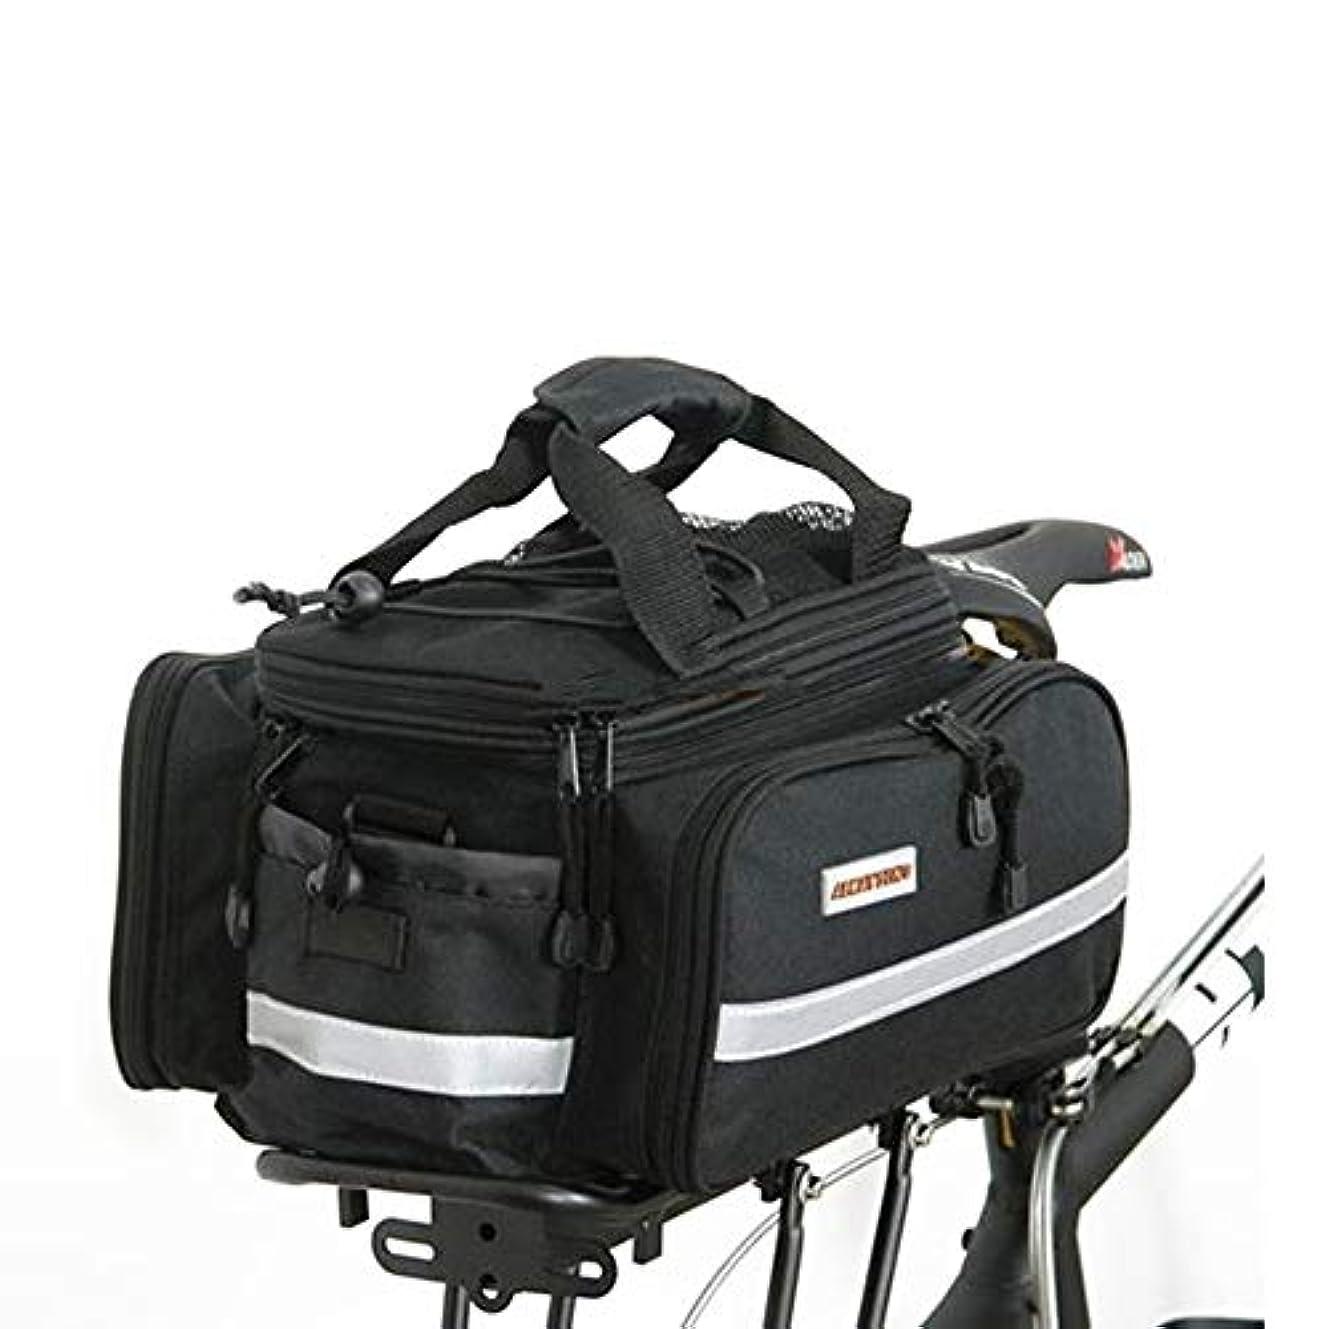 強いタイル報奨金自転車パニエトランクバッグ、大容量防水自転車リアシートパニエフィット (色 : ブラック)